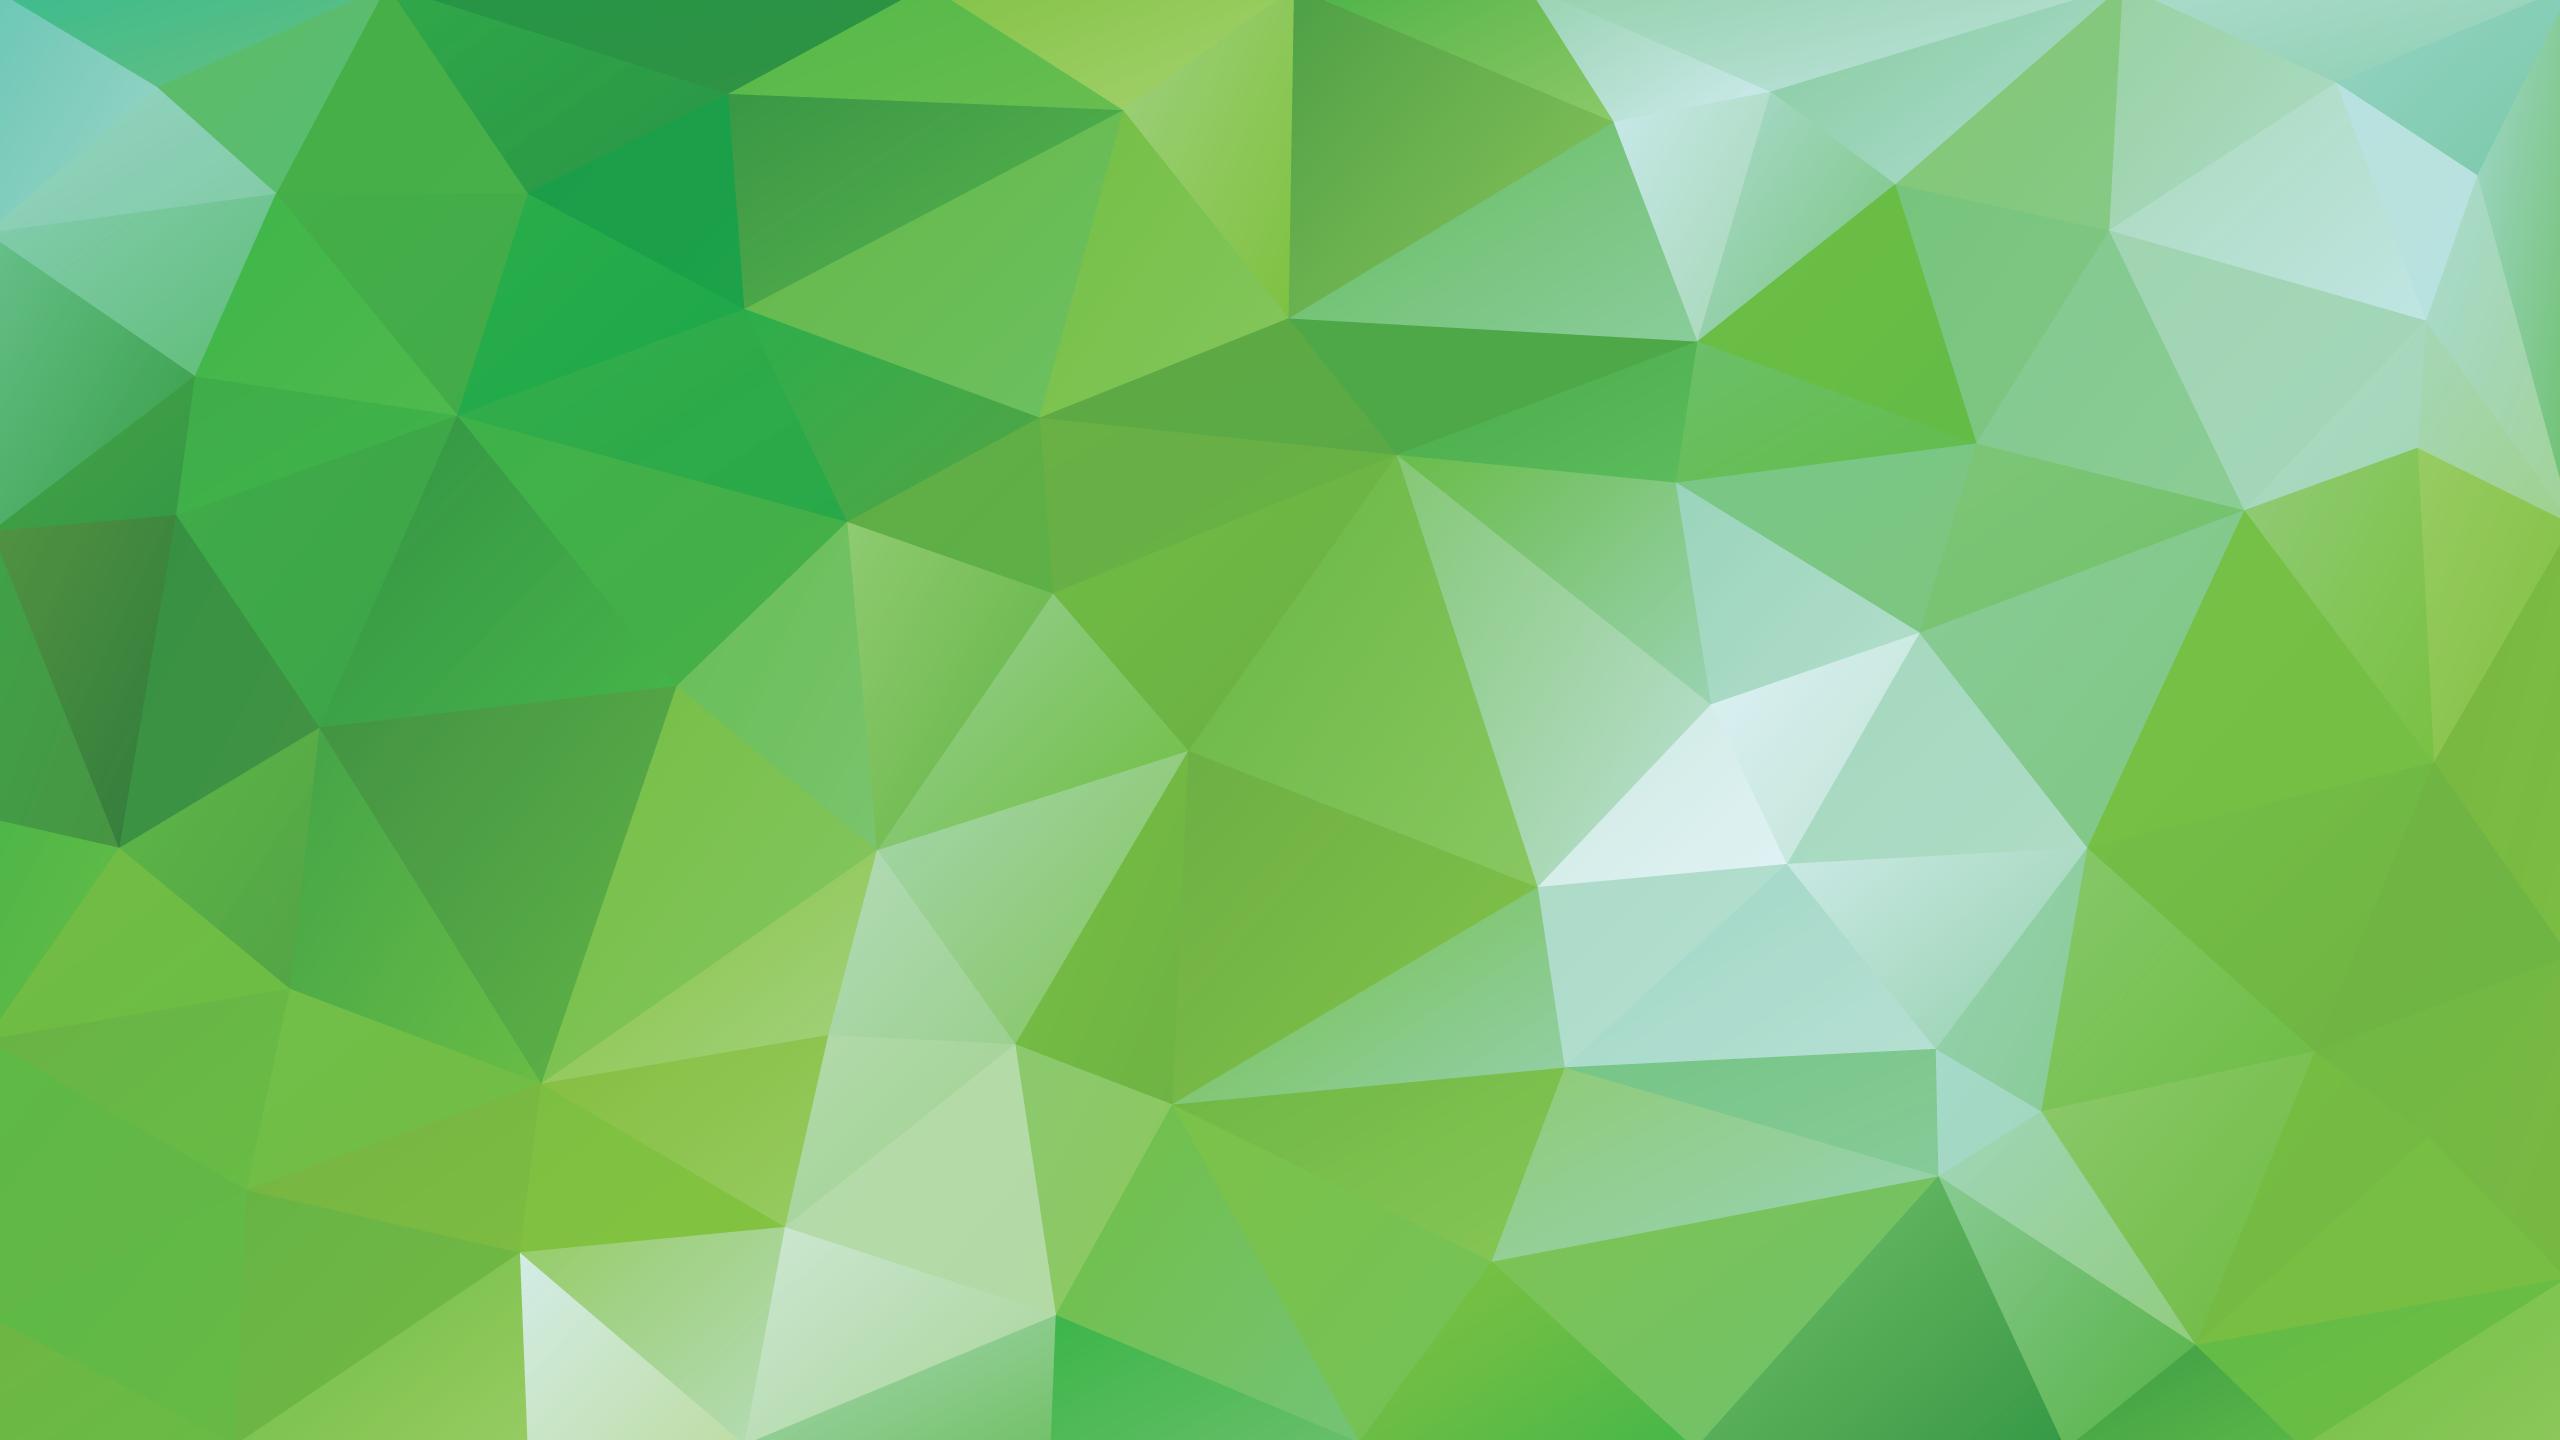 2560x1440 Montessori Green Vector Triangle Background Montessori Live